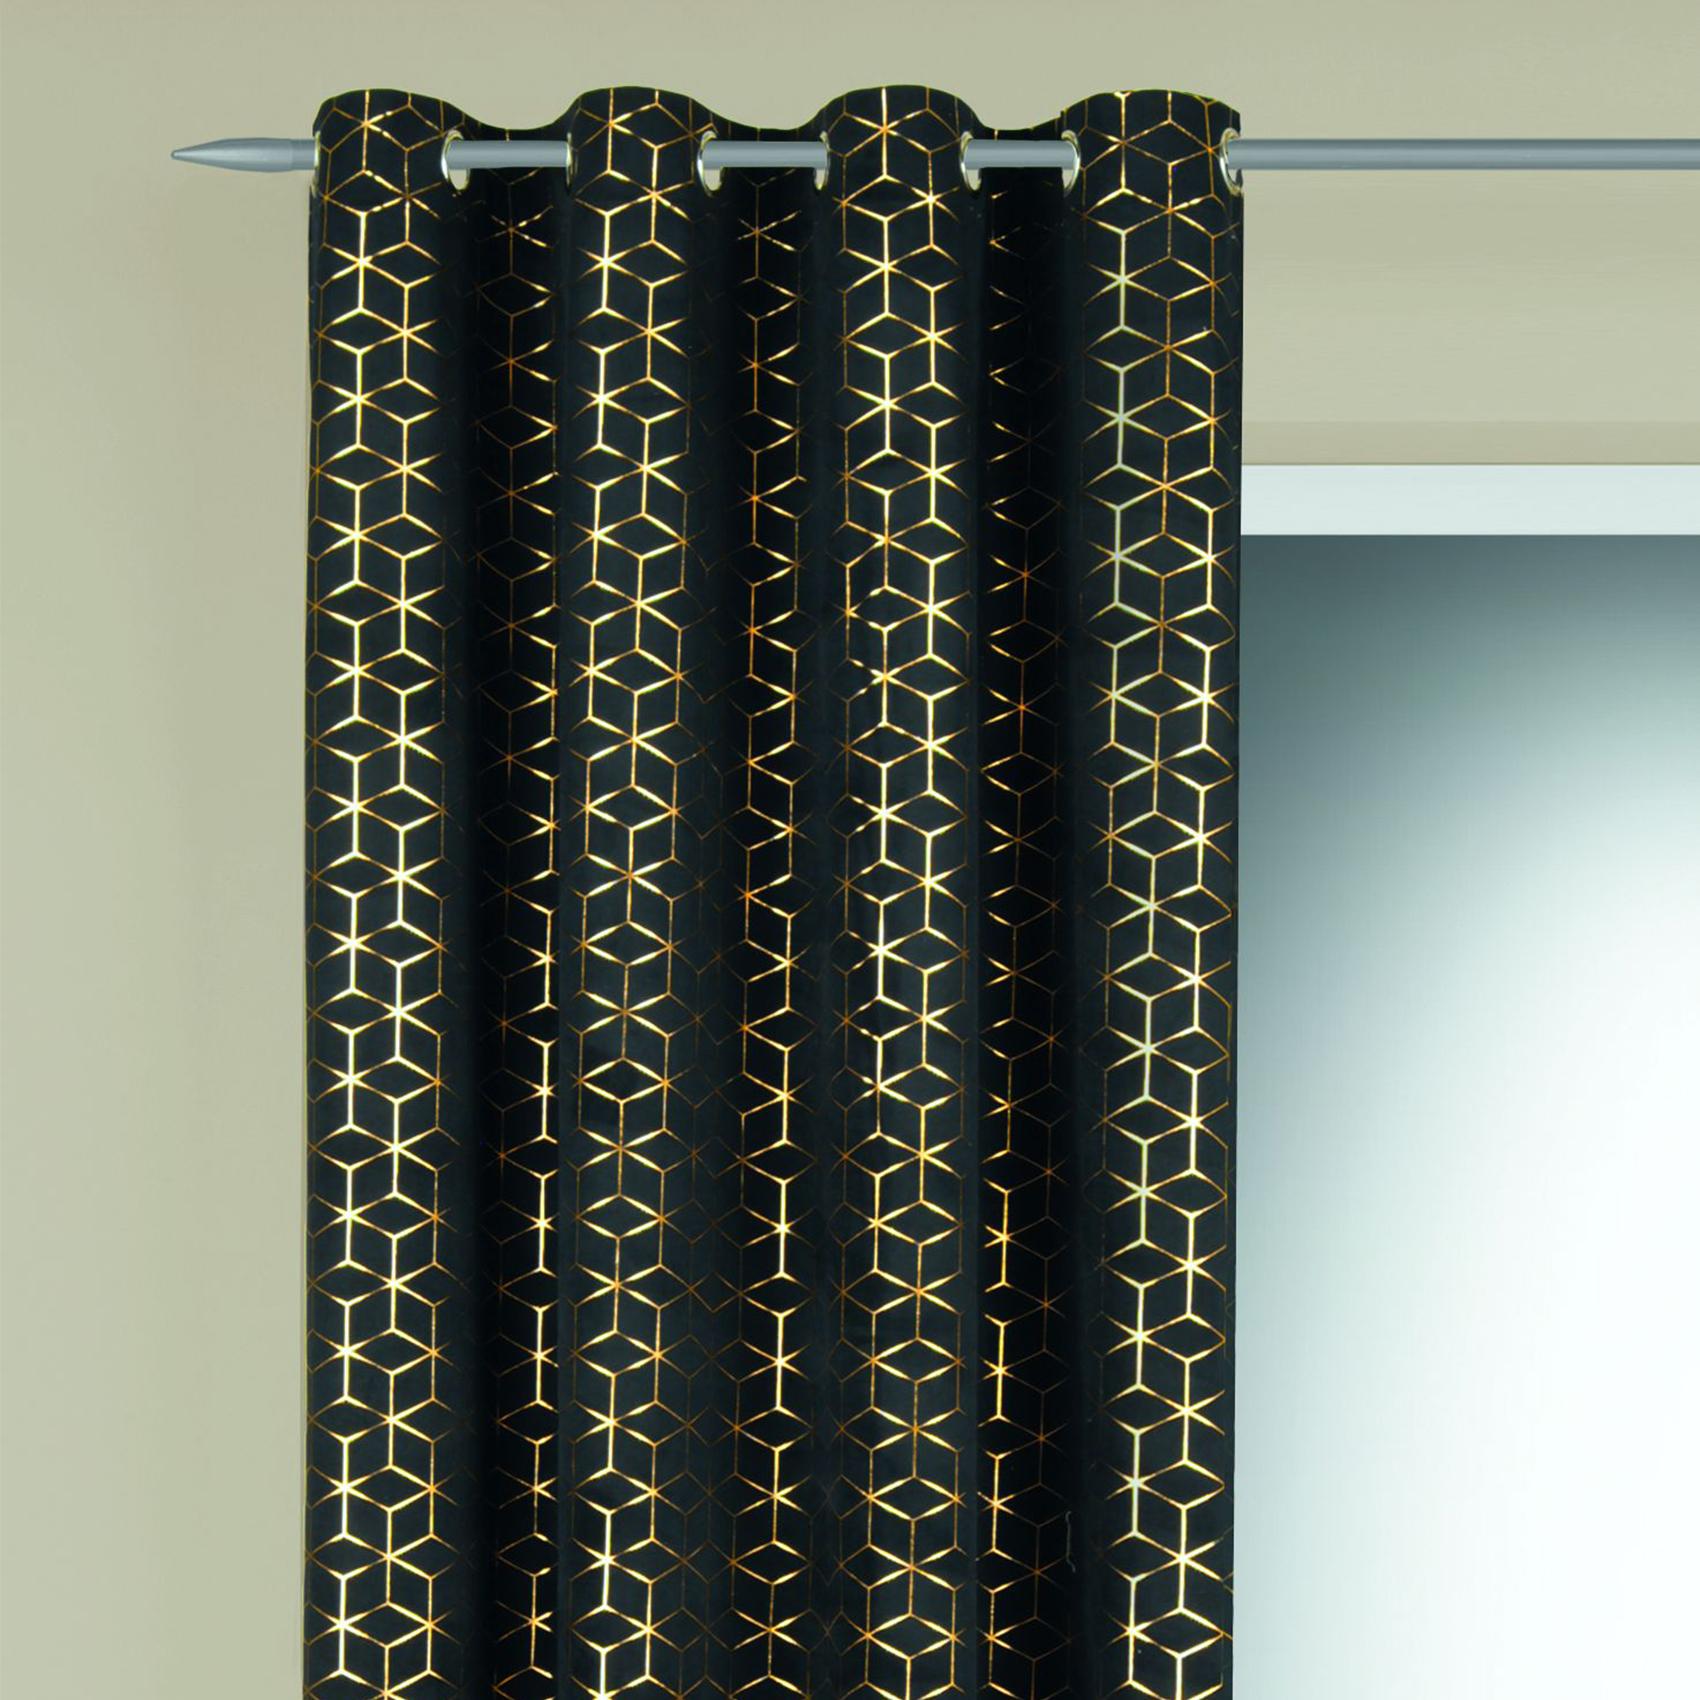 Rideau en velours motifs géométriques dorés polyester noir 245x135